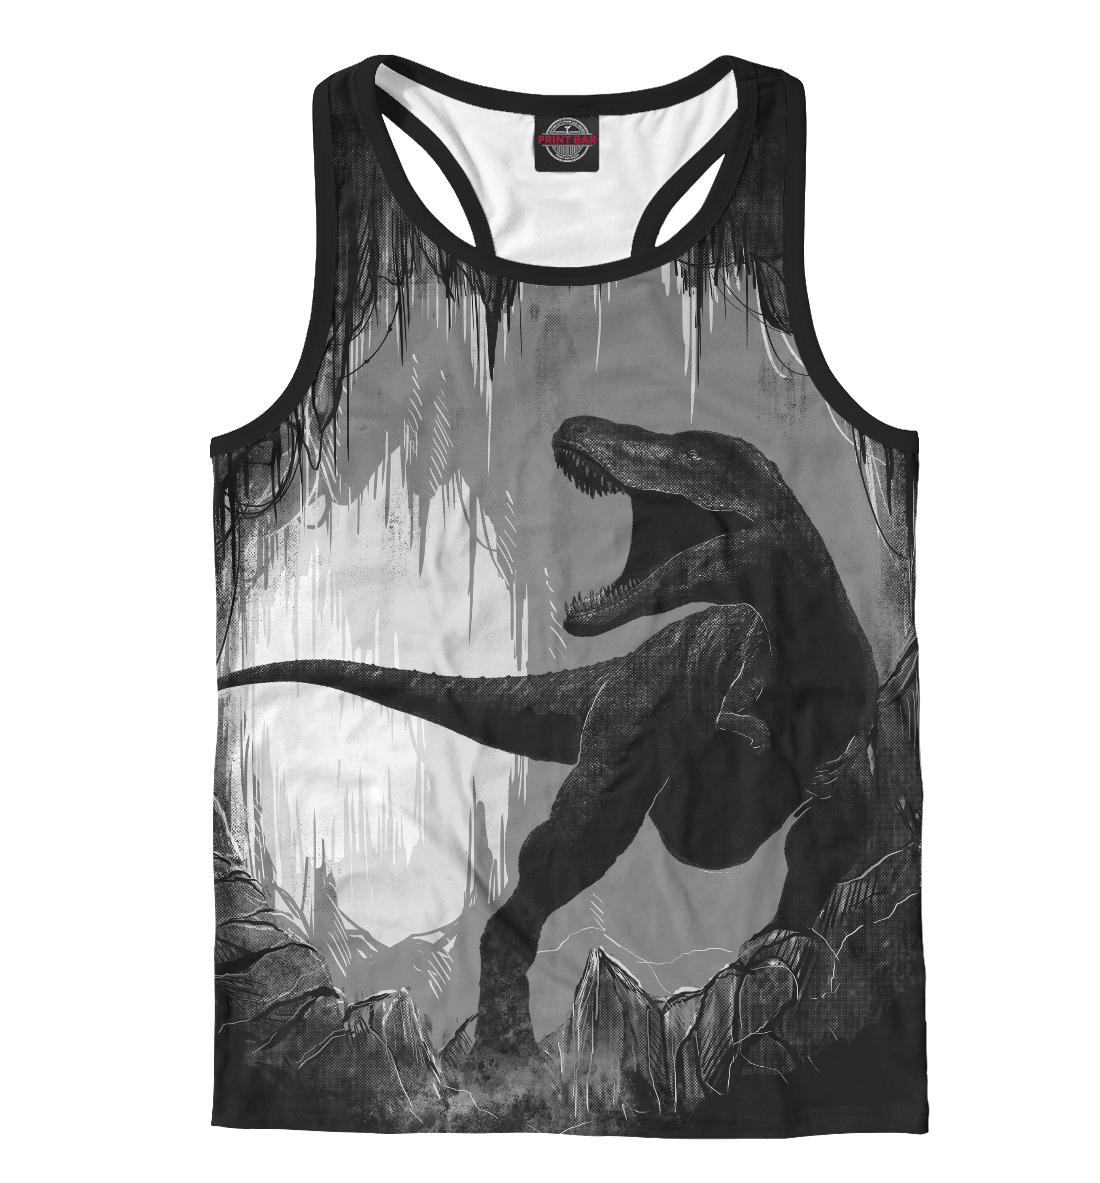 Купить Пещера динозавра, Printbar, Майки борцовки, DAR-893372-mayb-2